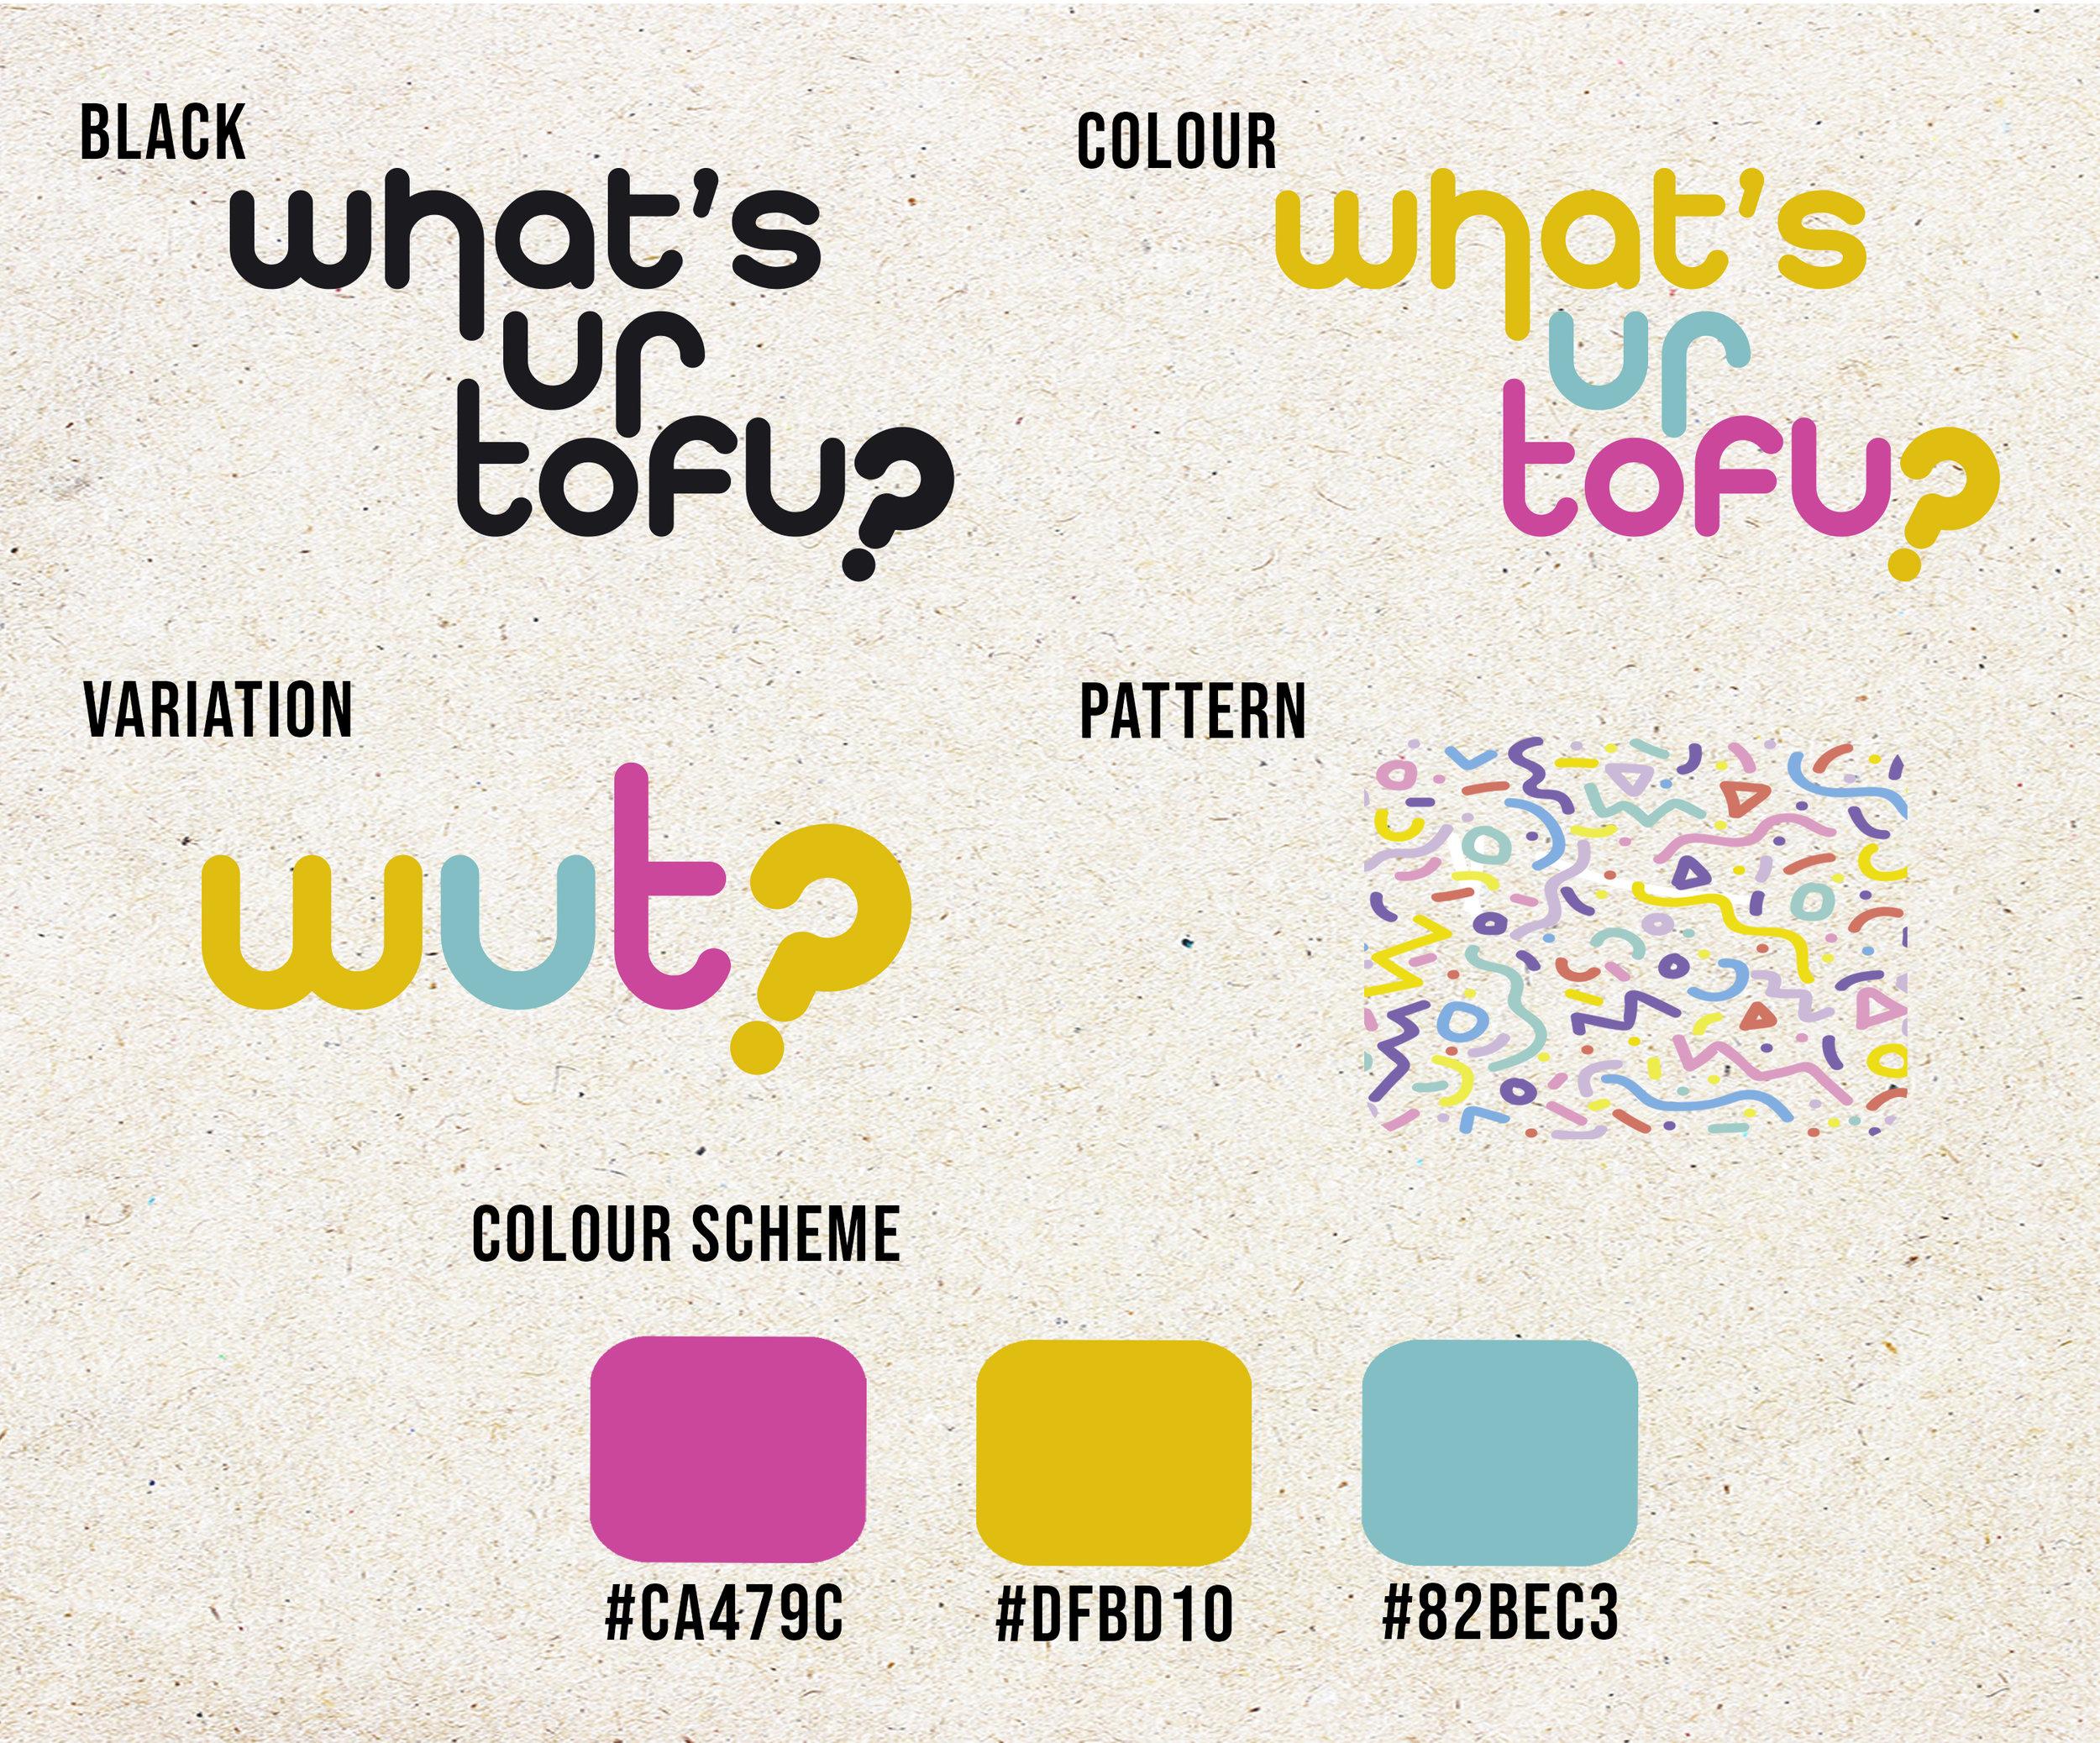 What's Ur Tofu?